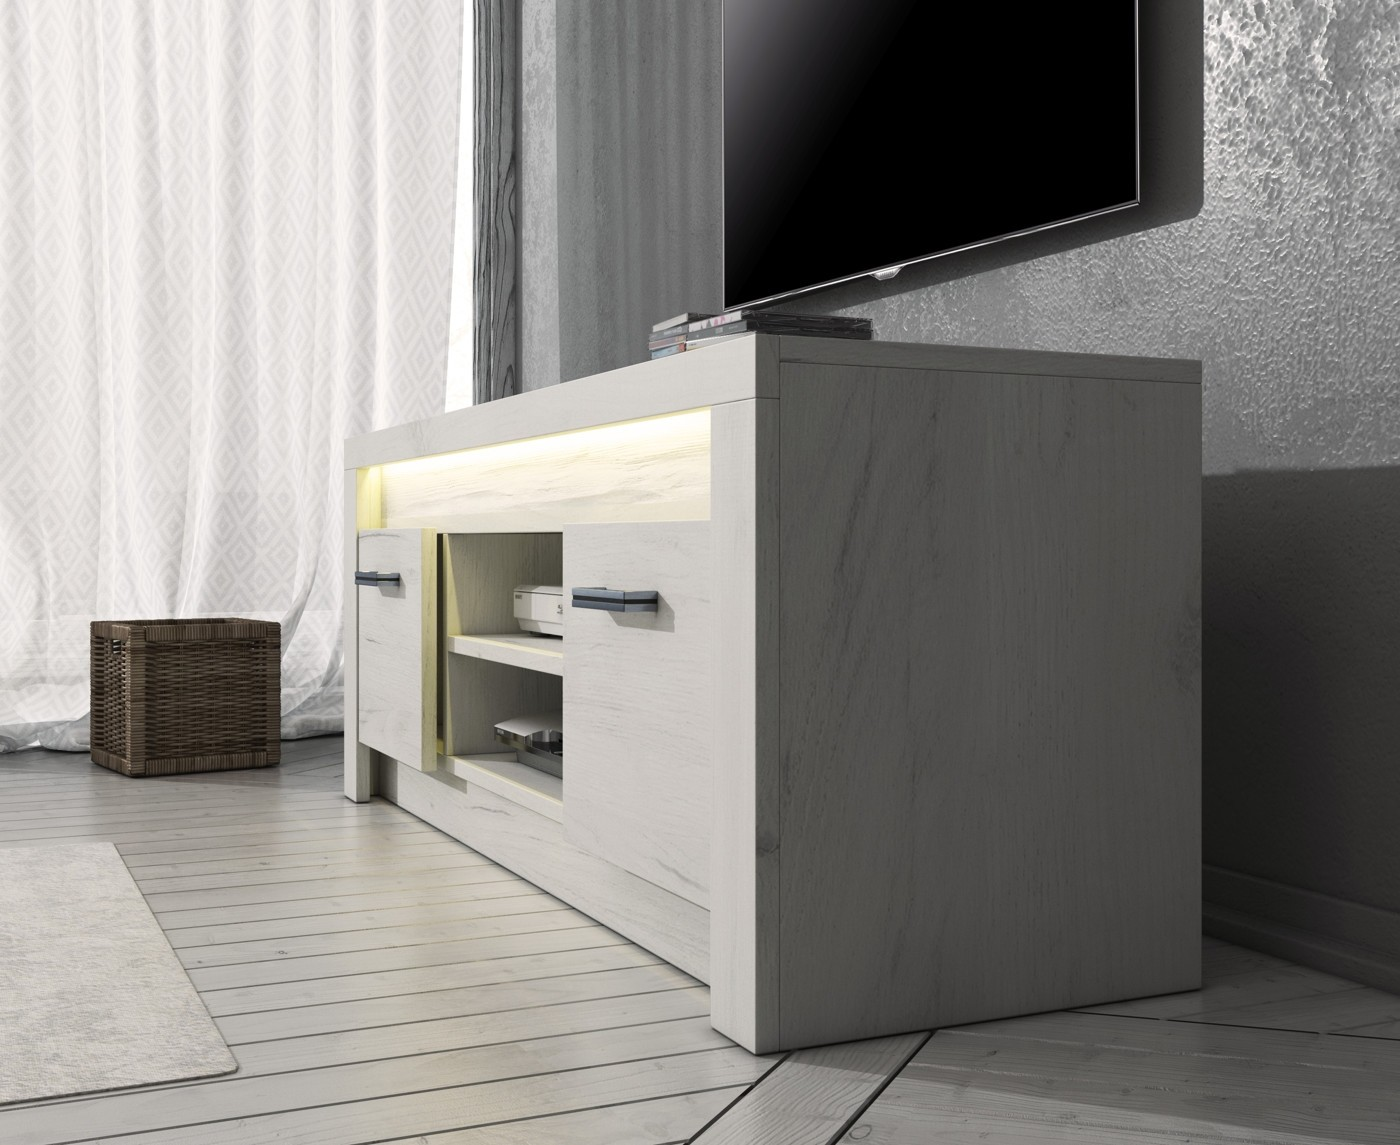 Tv meubel invido wit 137 cm met led verlichting for Showroommodellen design meubels